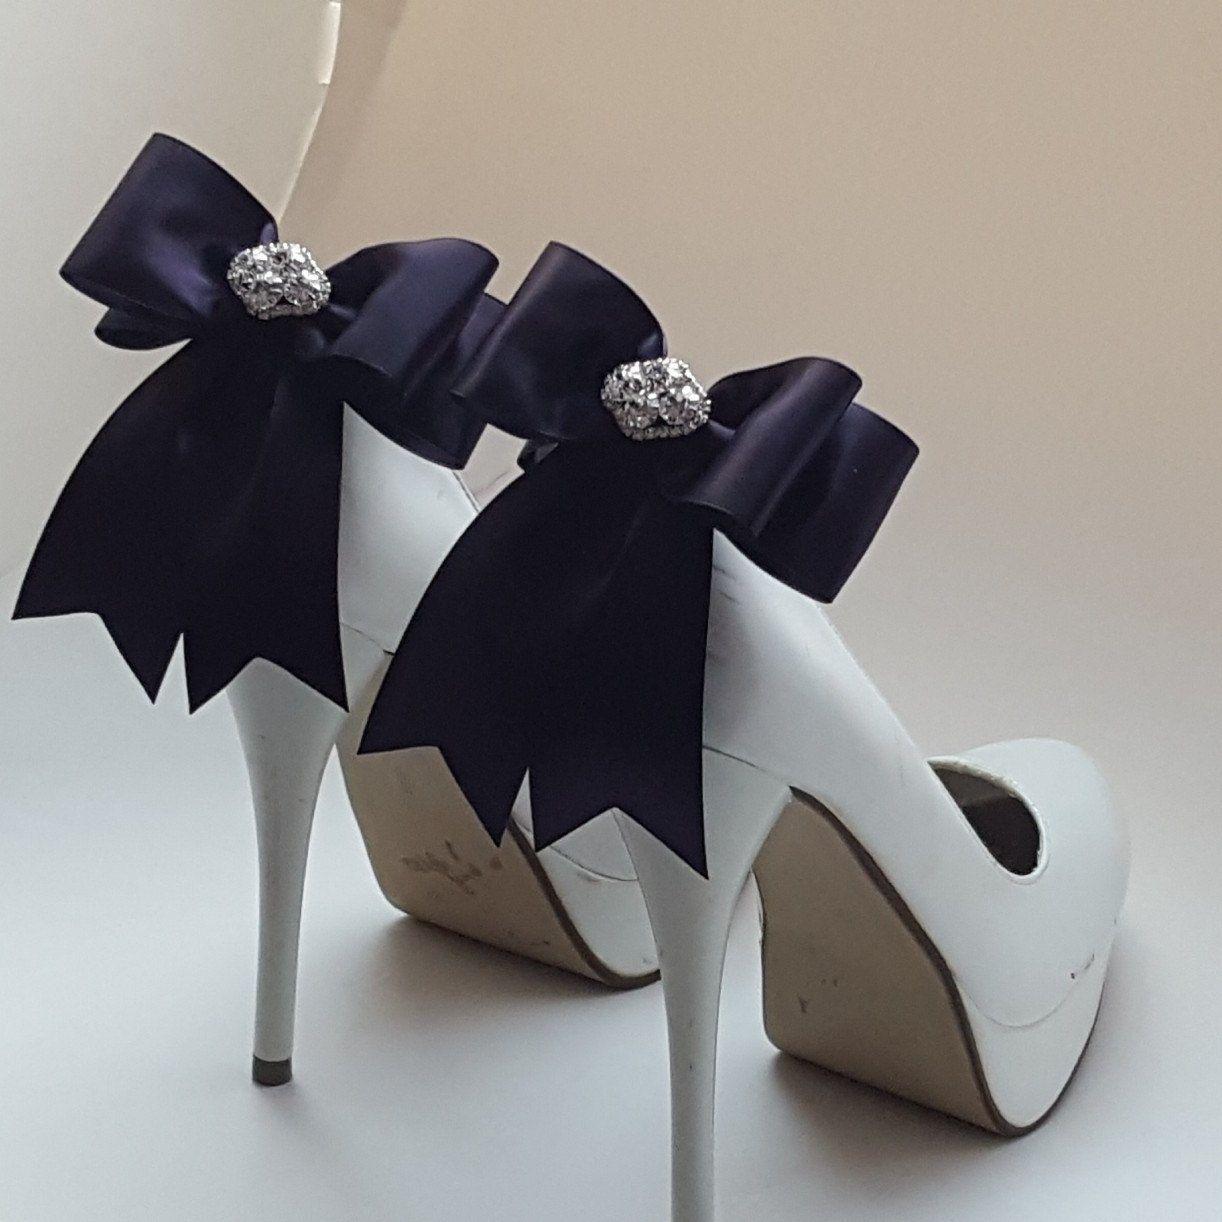 1540390a2fb66 Dusty Plum Wedding Shoe Clips